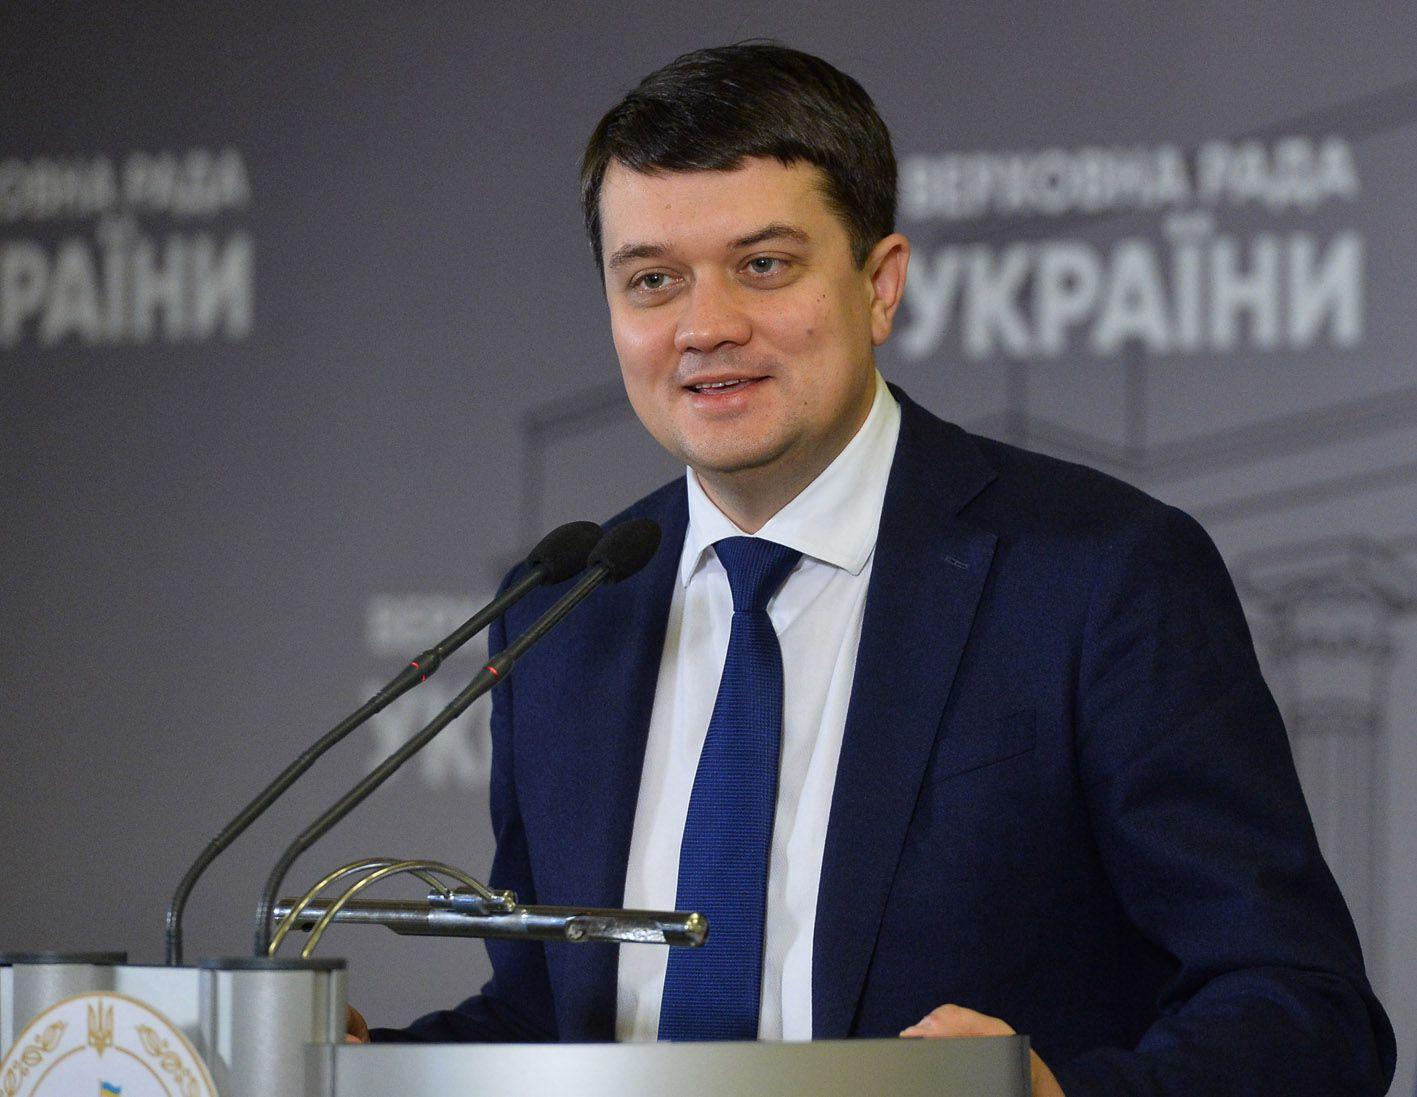 Дмитро Разумков: «Сподіваюся, що 2020 рік буде дуже конструктивним»